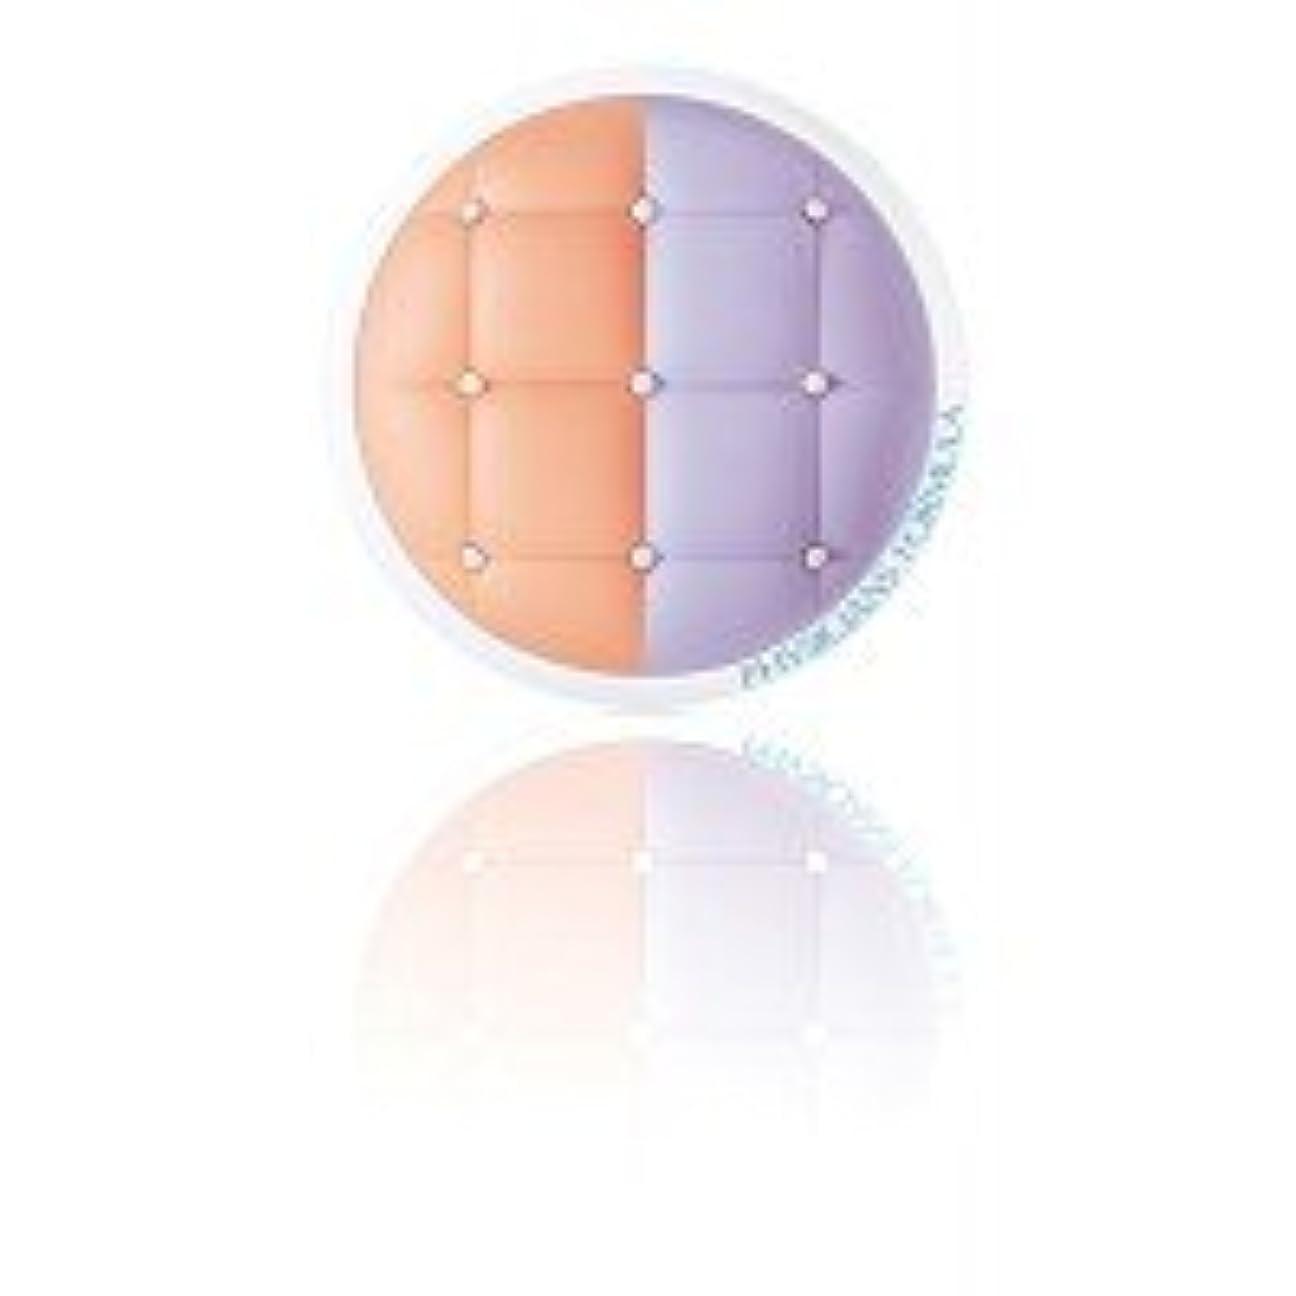 自動的にオリエント時計ミネラルウェア クッションコレクター+プライマーデュオ Peach/Lavender MCC02